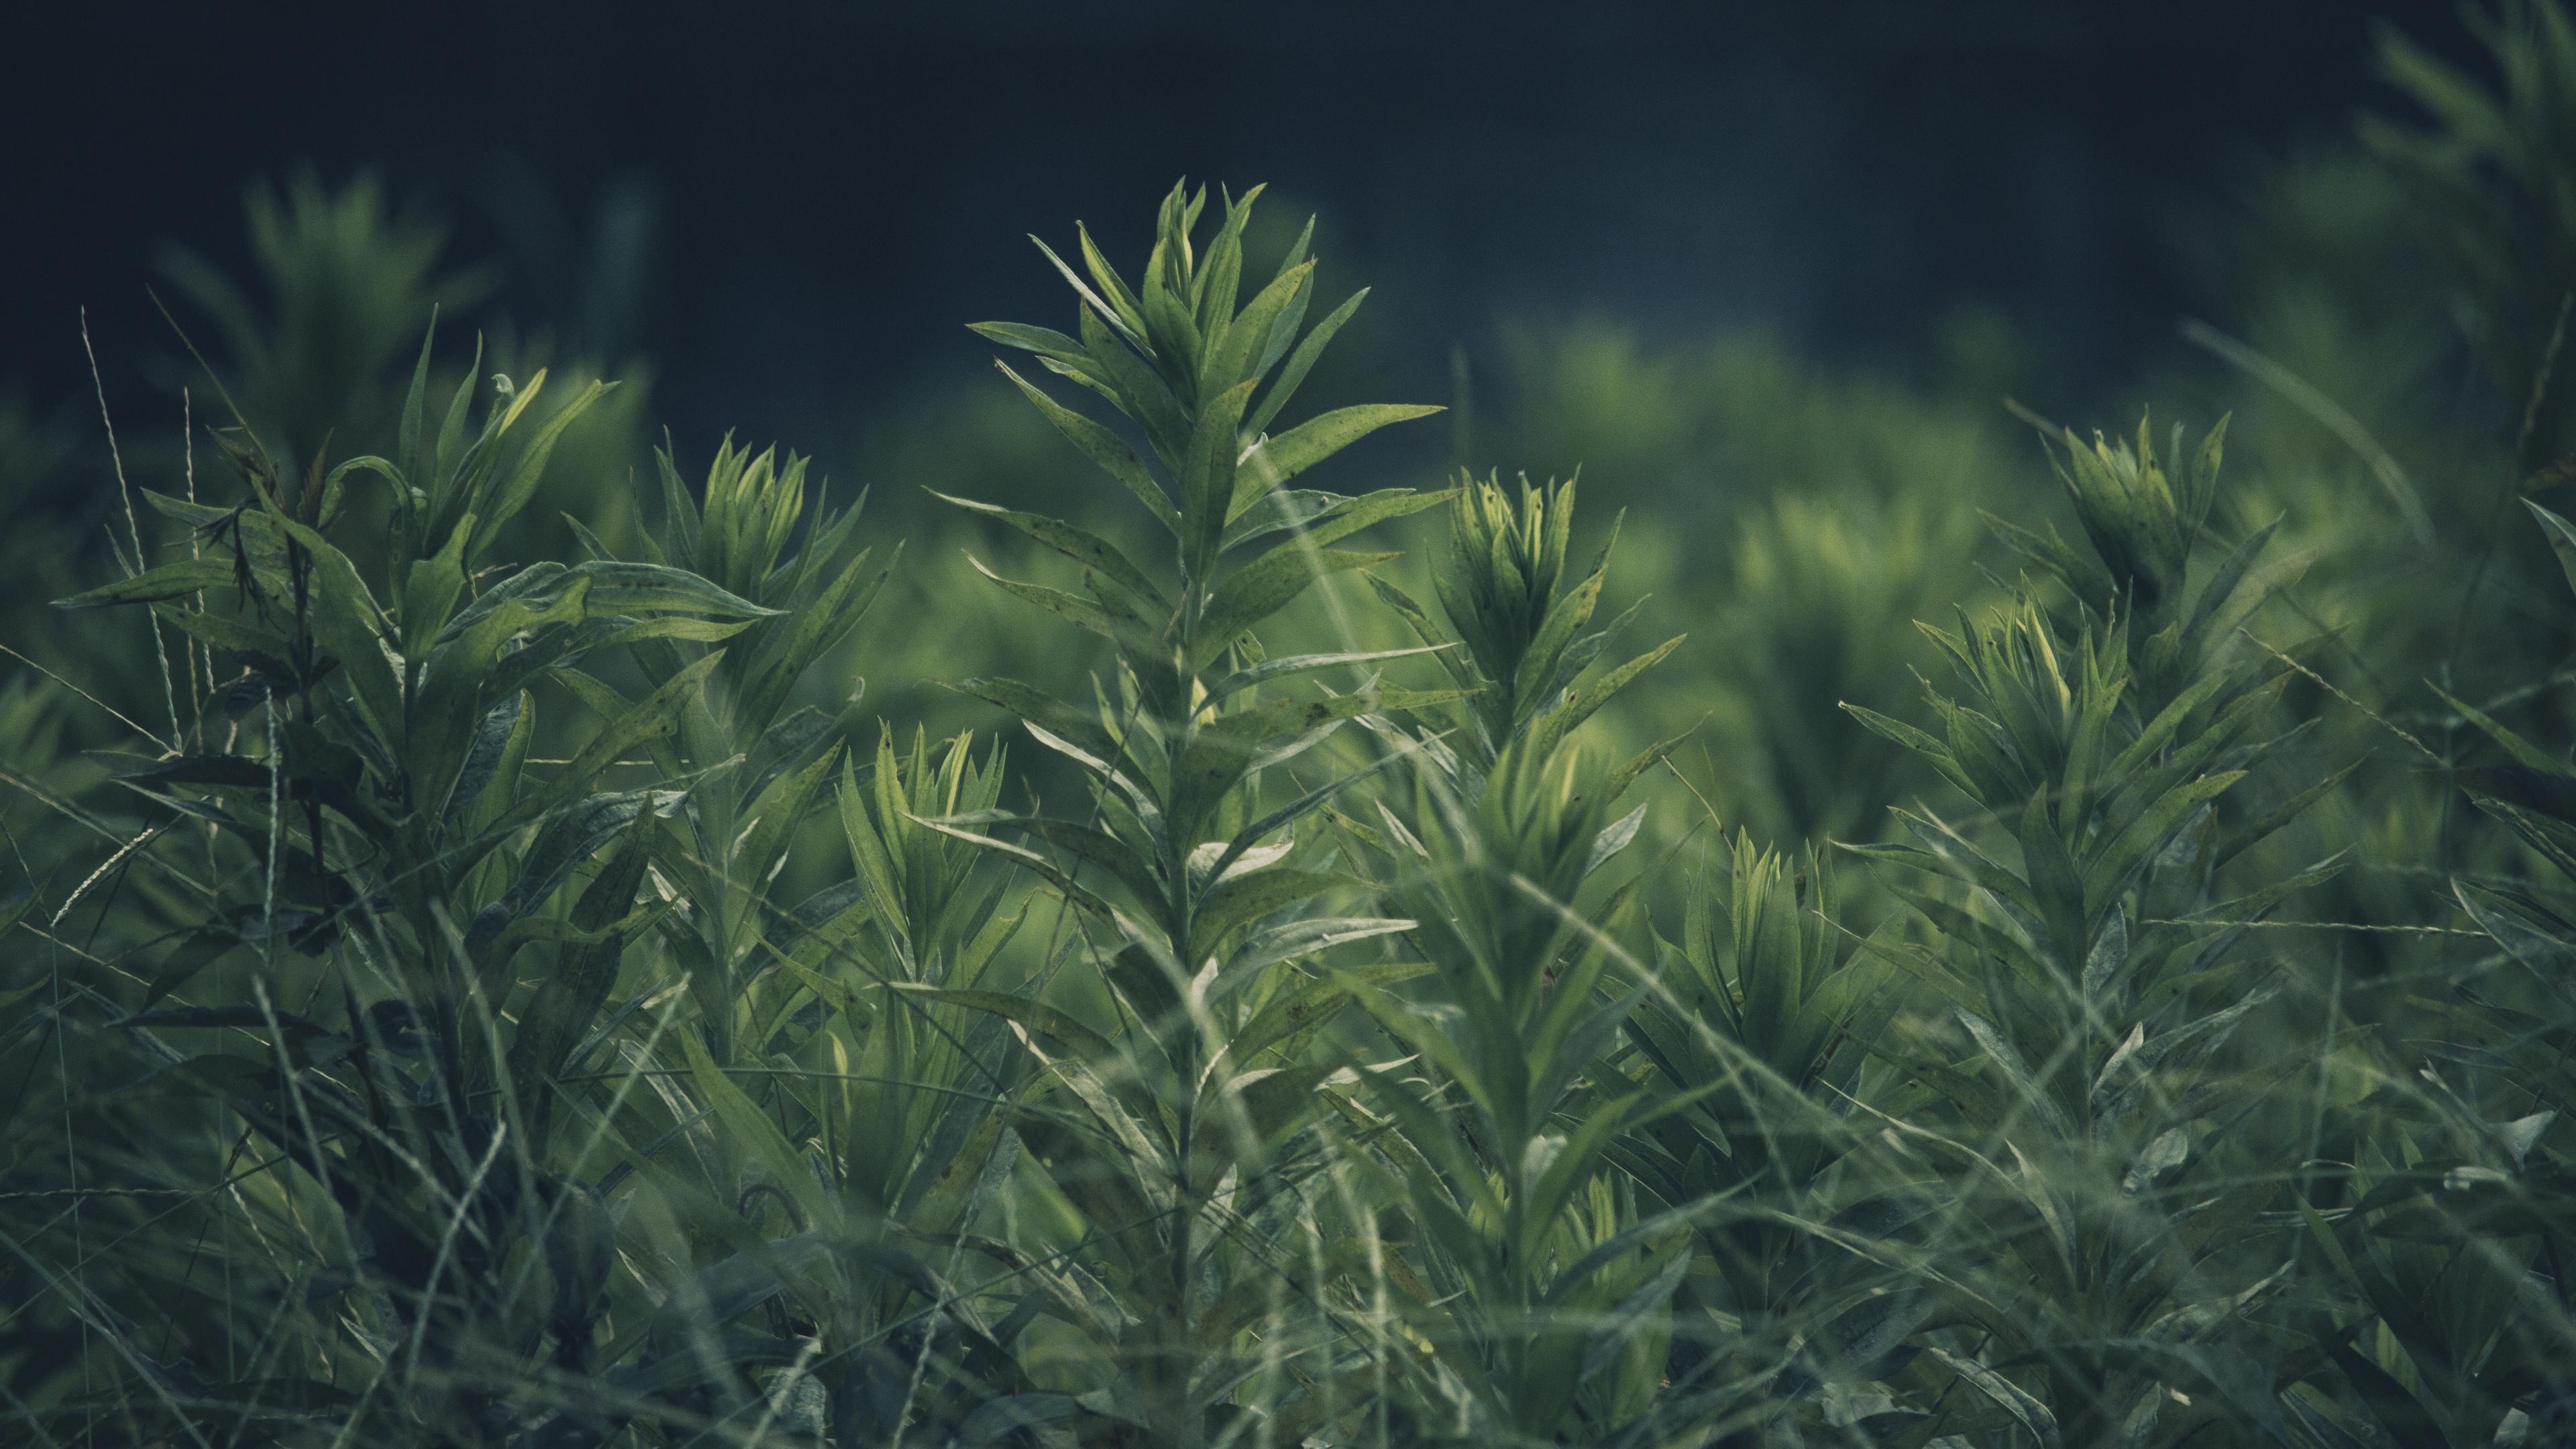 grass plant green blur 4k 1541117182 - grass, plant, green, blur 4k - Plant, green, Grass